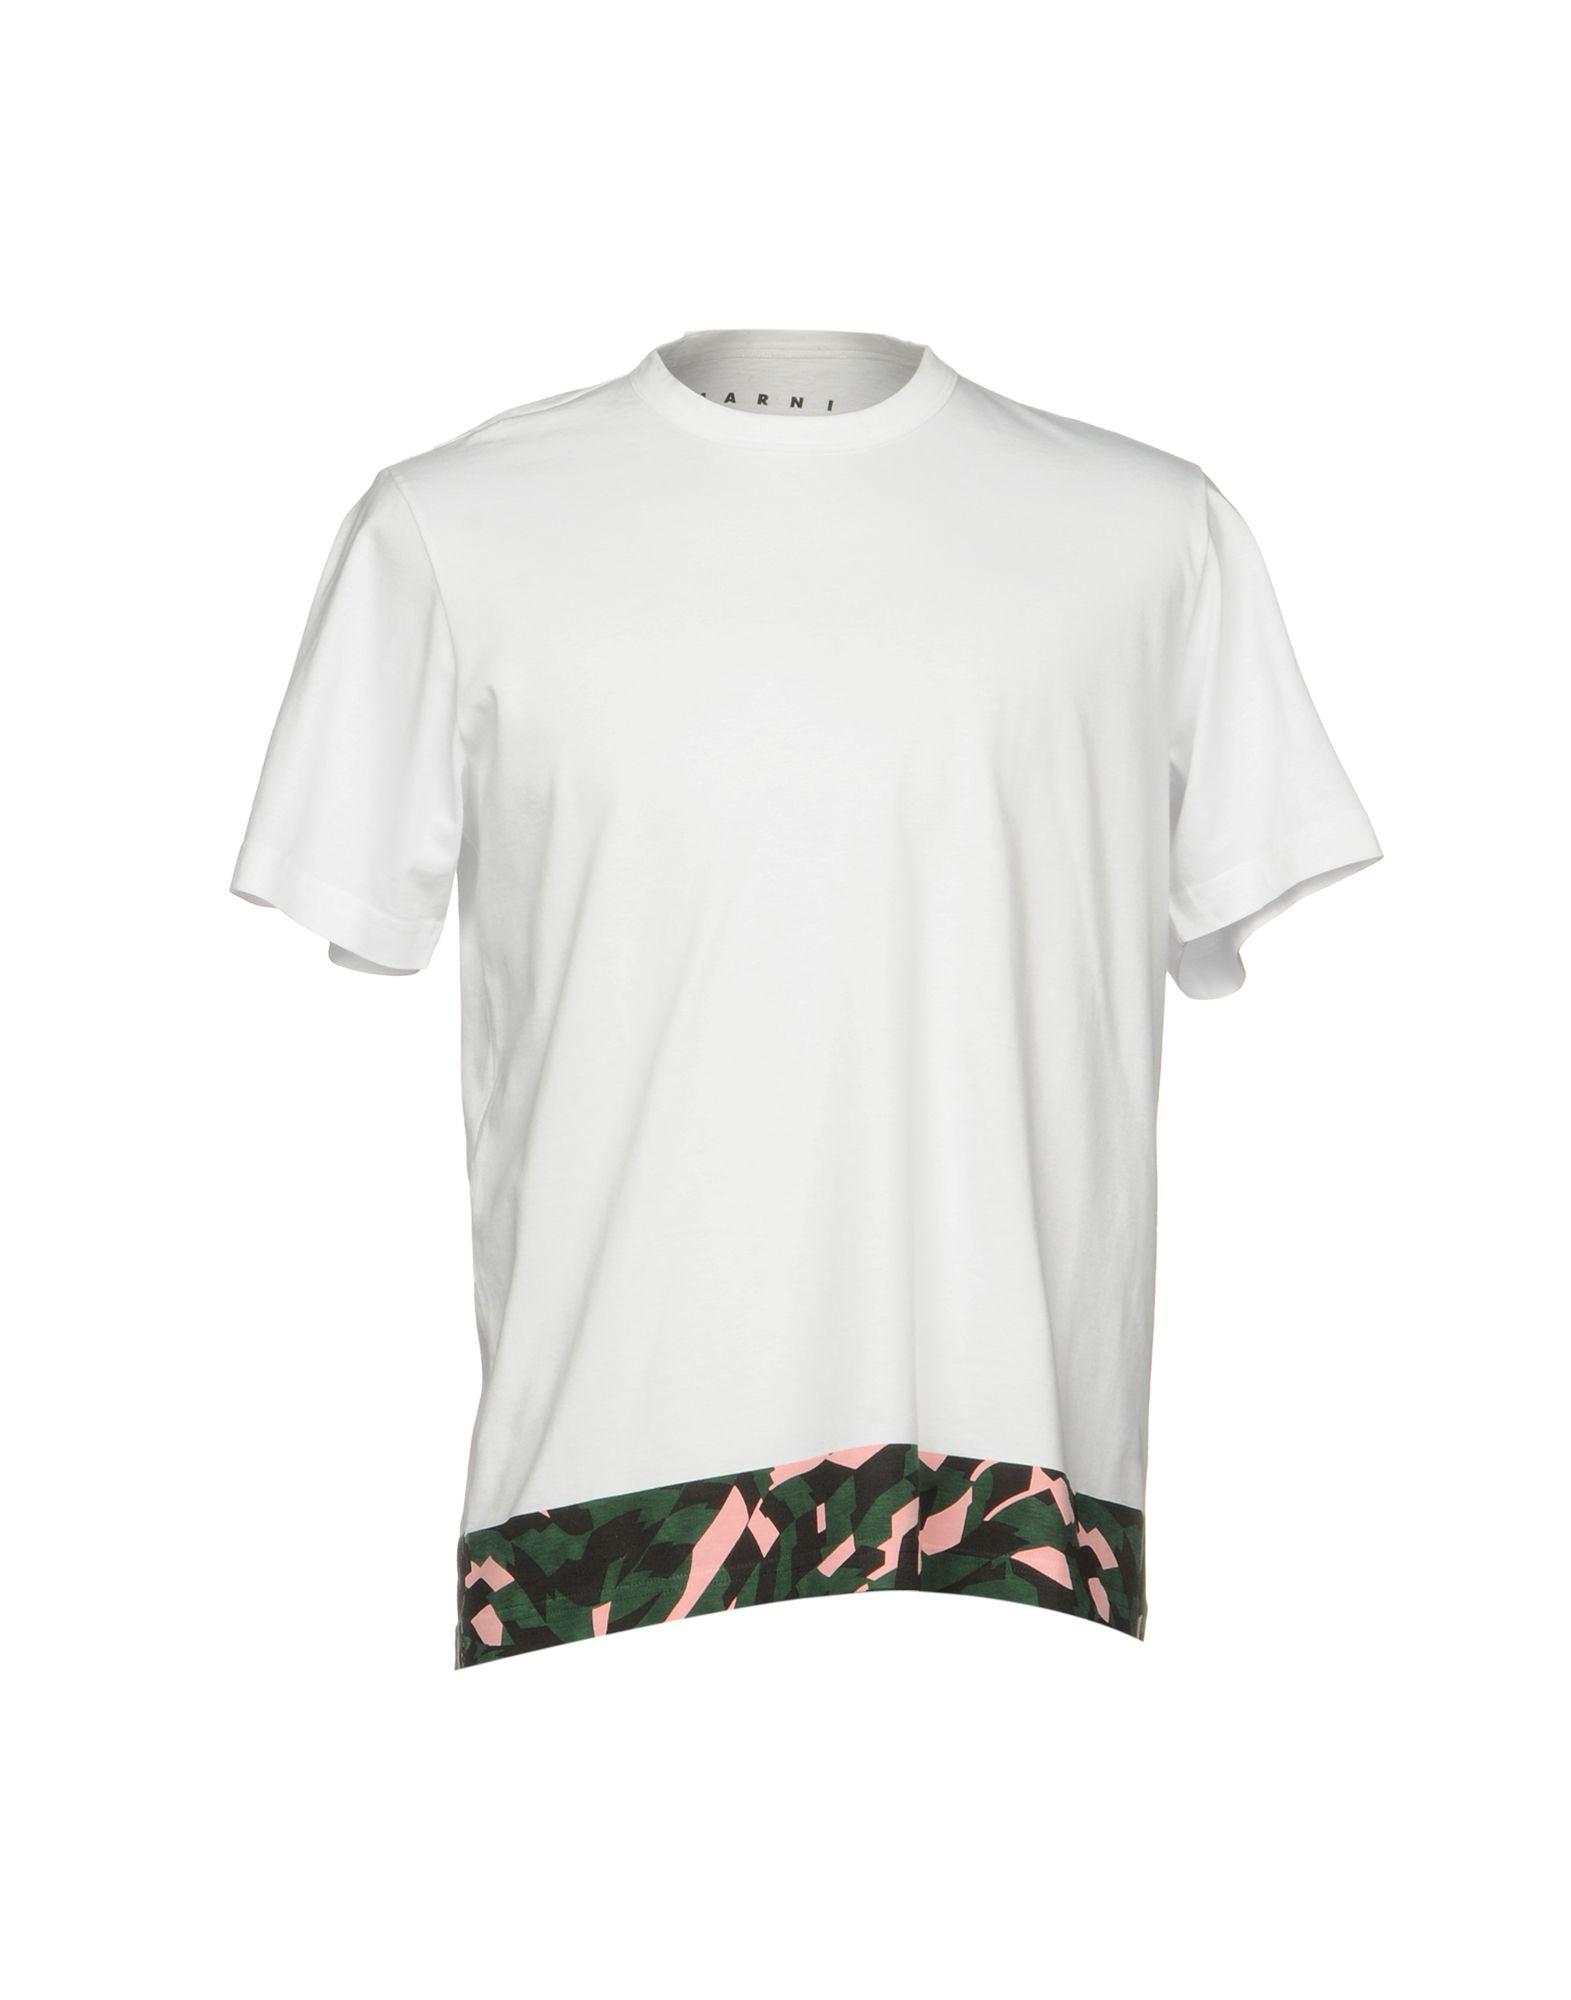 MARNI Herren T-shirts Farbe Weiß Größe 4